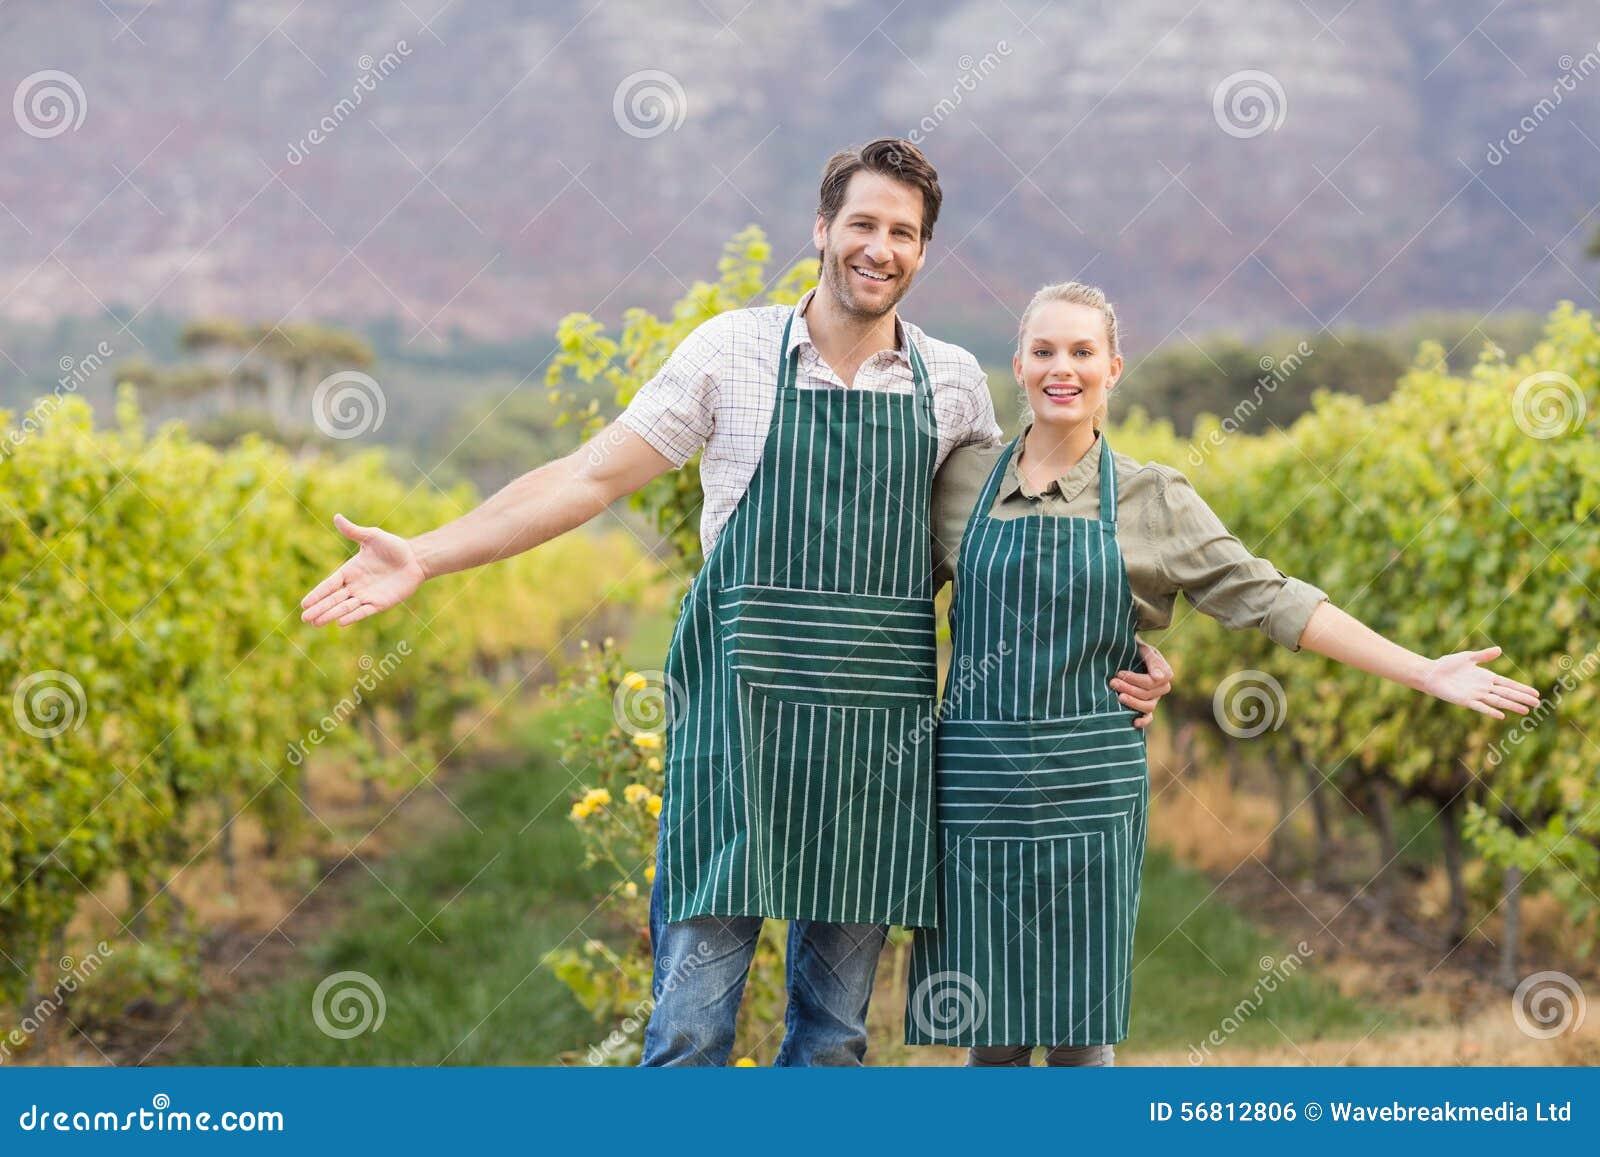 Deux jeunes négociants en vins heureux montrant leurs champs